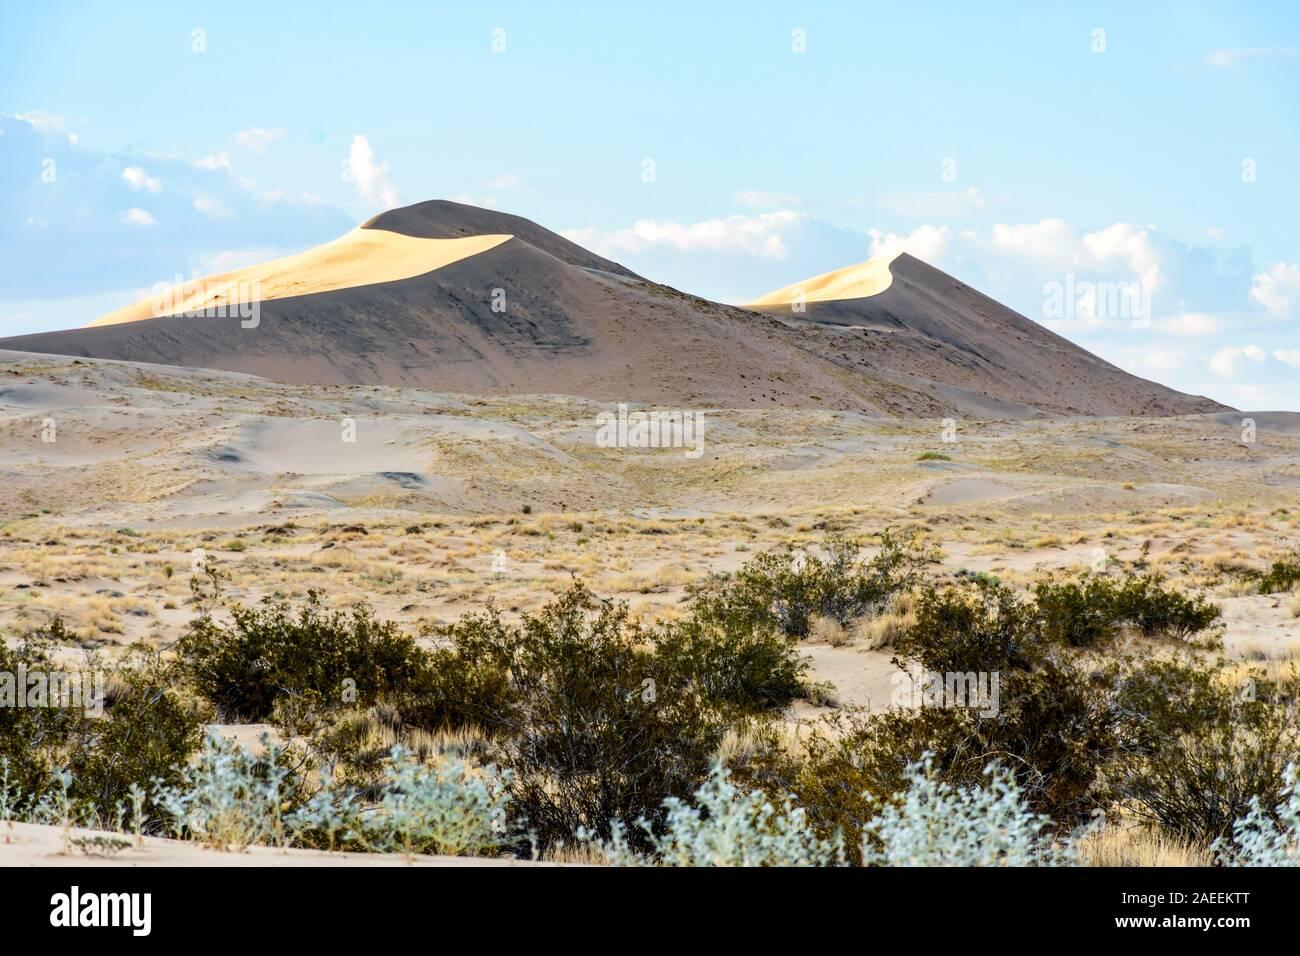 Luz dorada en Kelso Dunas al atardecer en el desierto de Mojave, el Mojave National Preserve, California, EE.UU. Foto de stock